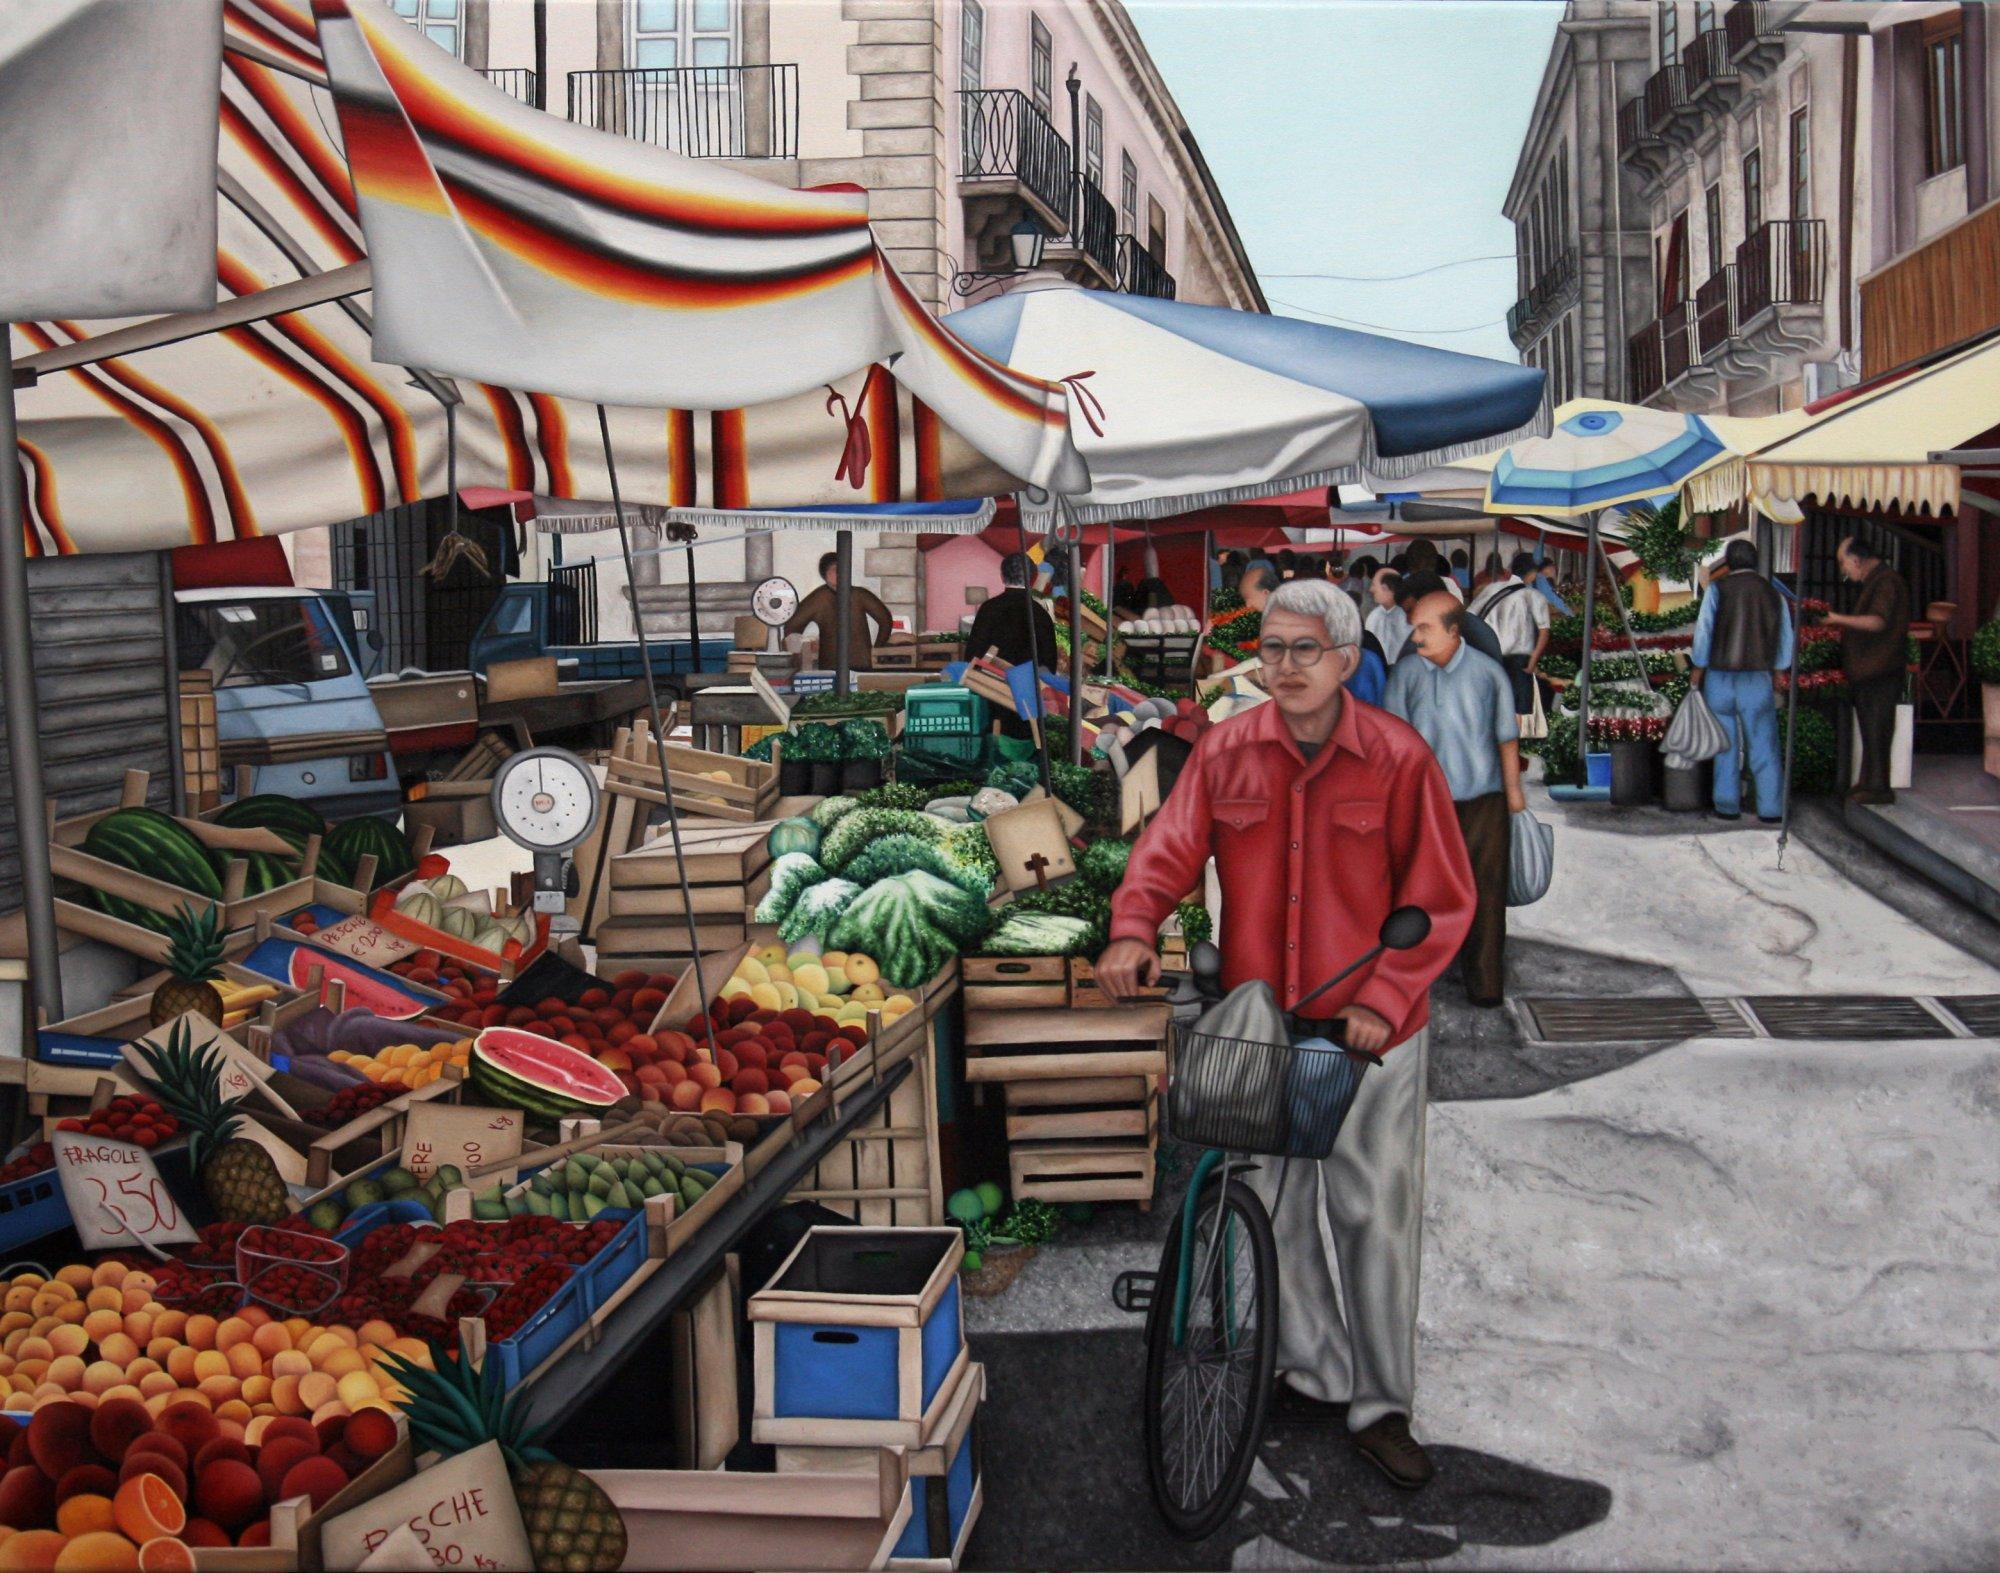 Mercato di ortiga valentina nicotra artwork celeste for Mercato frutta e verdura milano